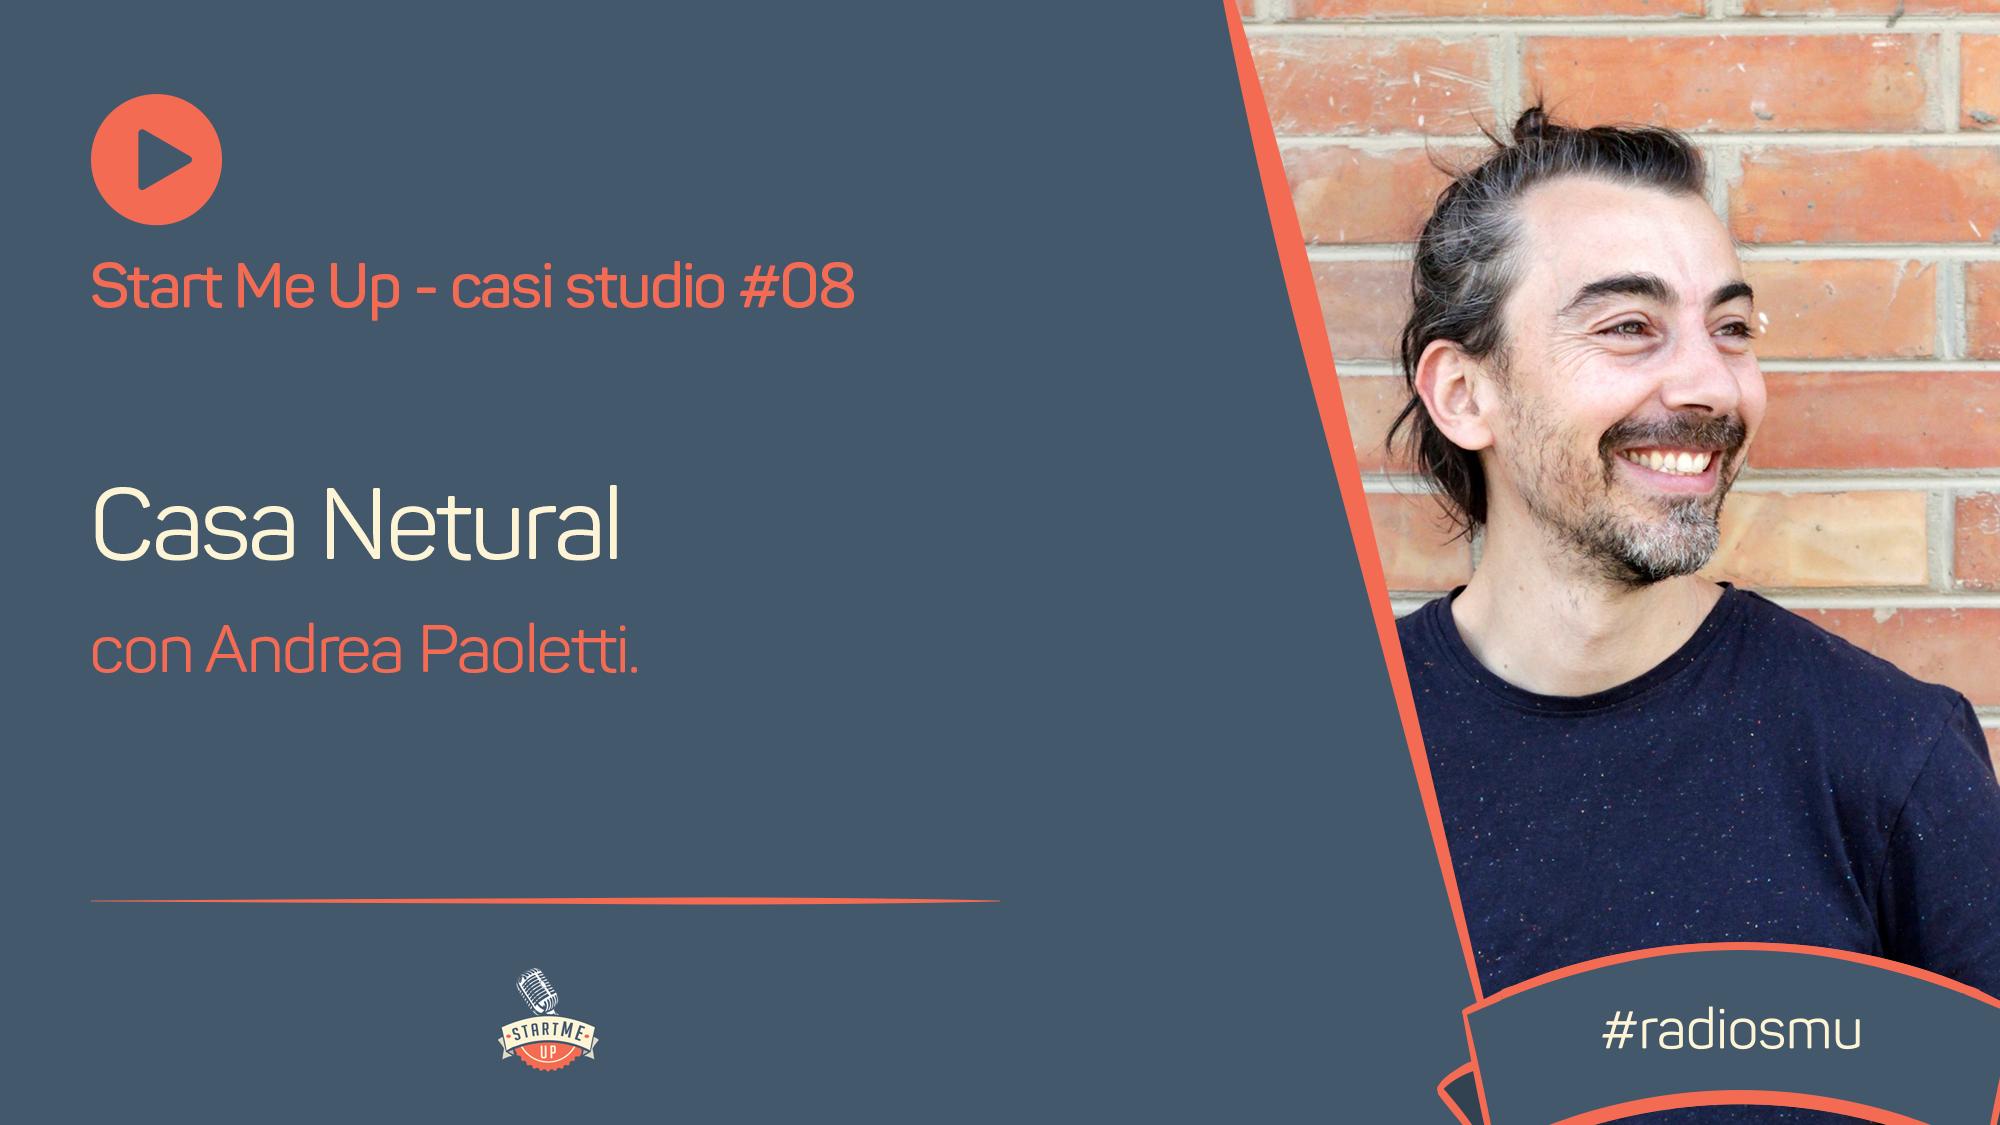 Casi Studio con Andrea Paoletti di Casa Netural: si parla di sostenibilità sociale